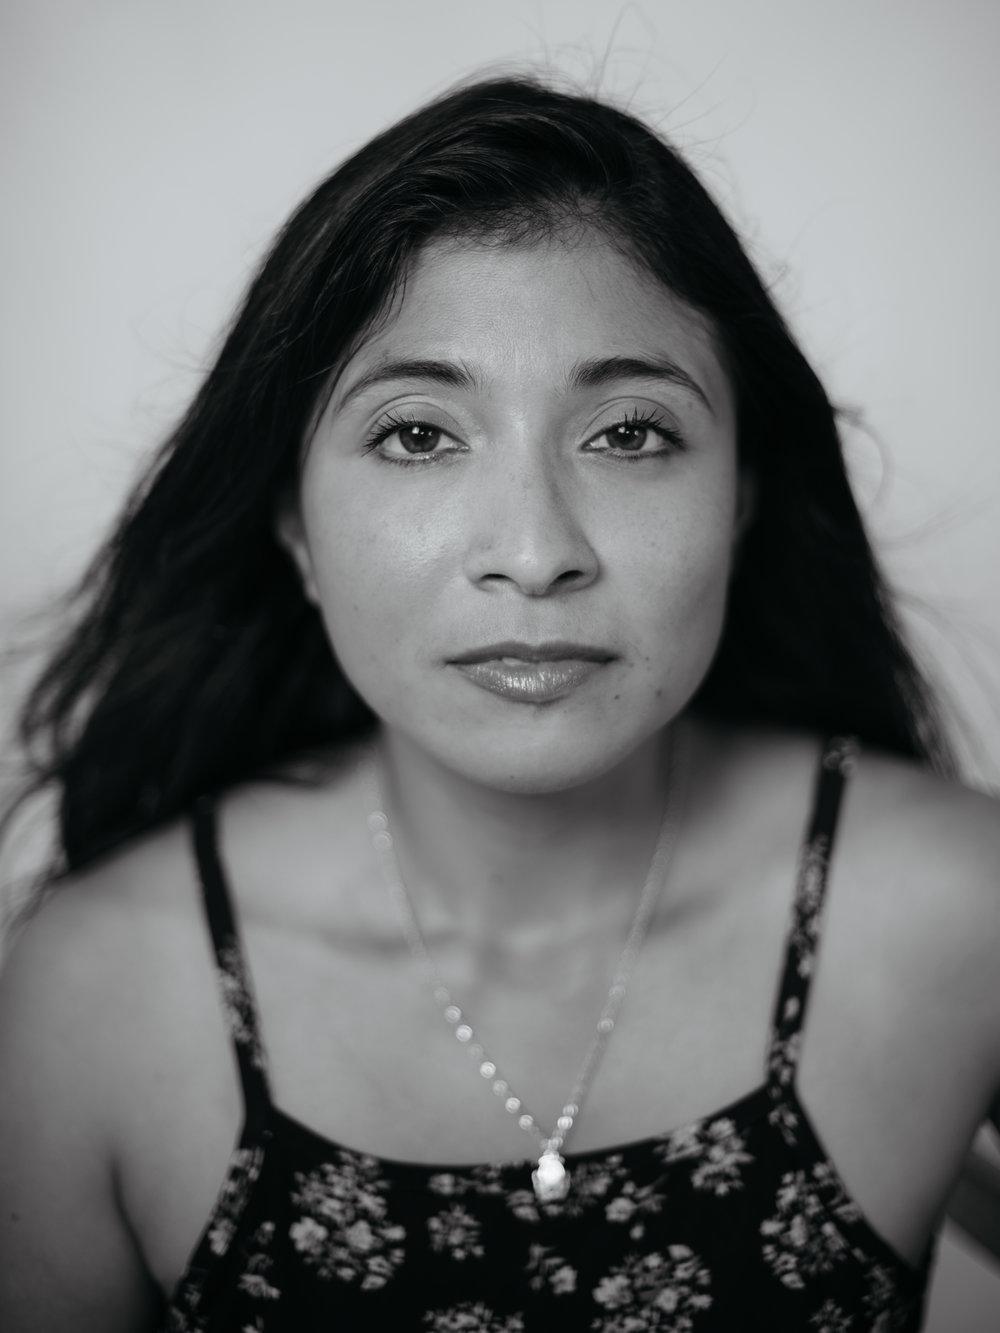 Gina-12.jpg